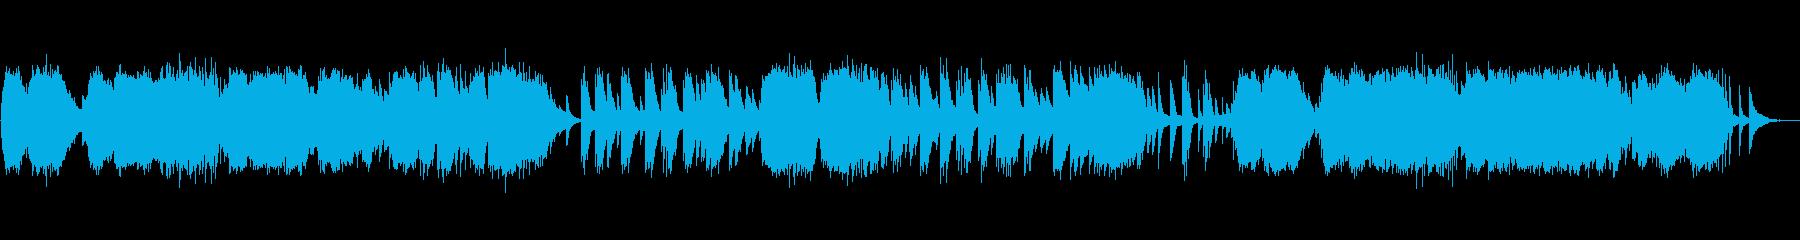 ドビュッシー『アラベスク第1番』の再生済みの波形